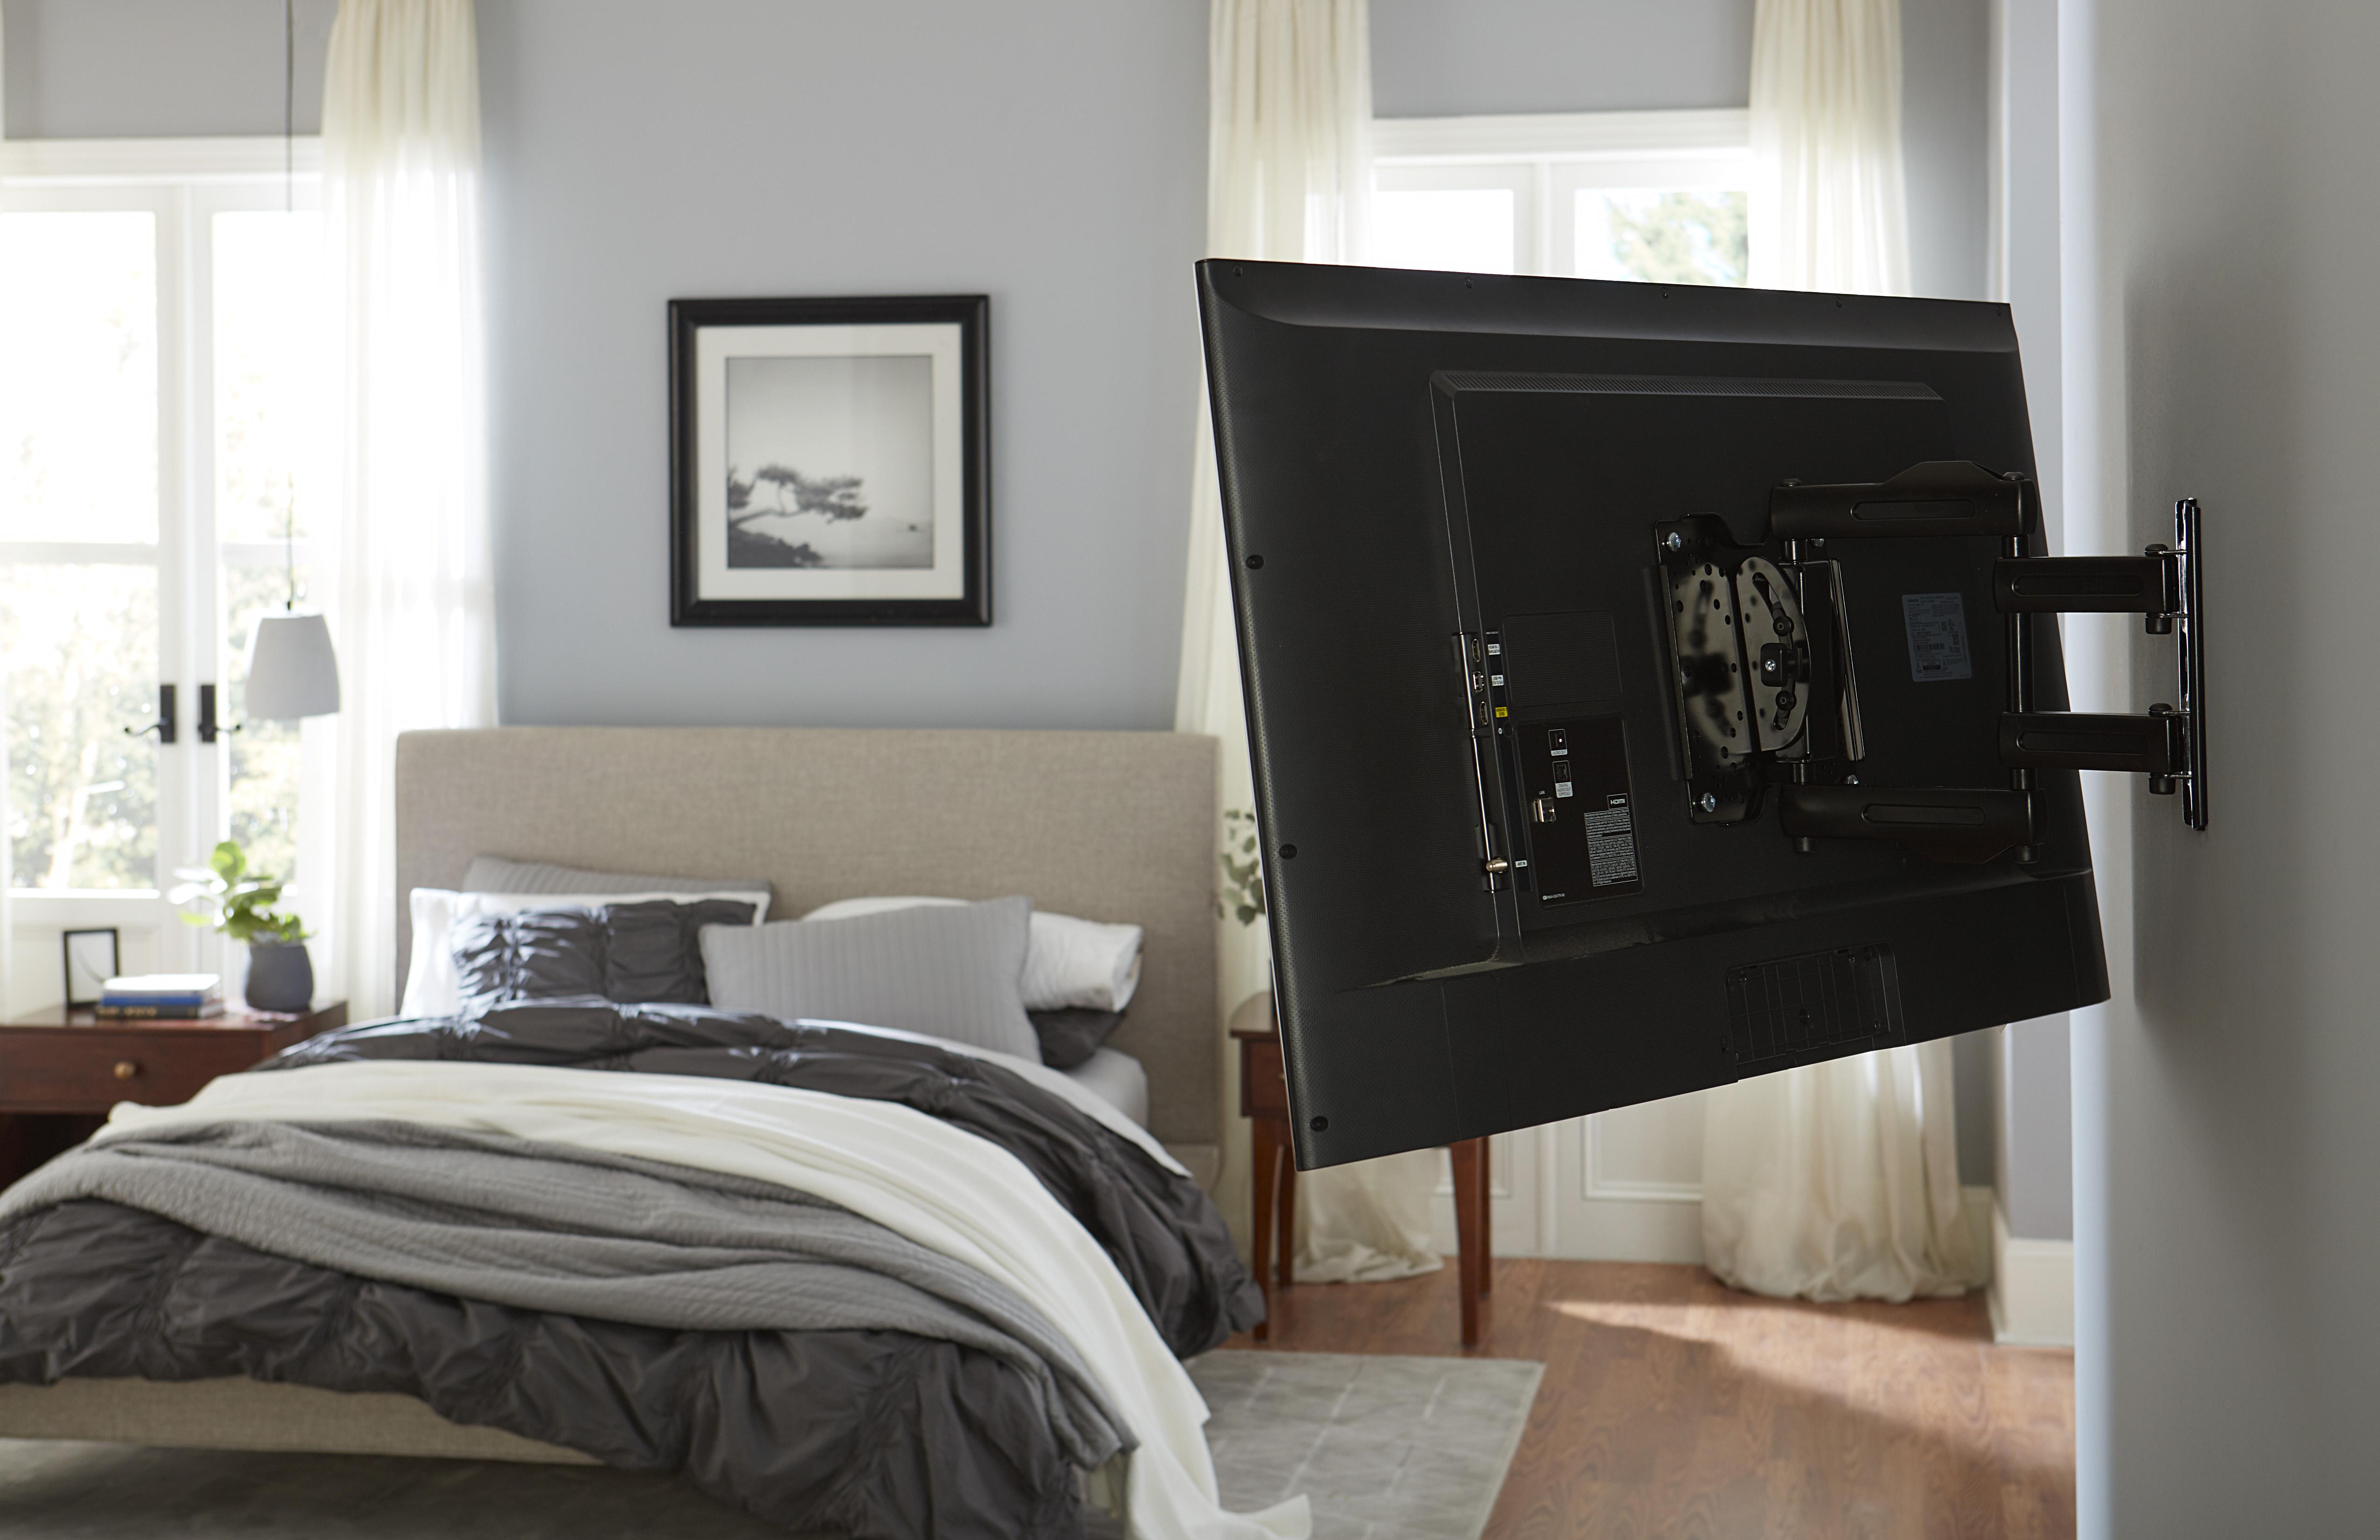 bedroom tv on full motion mount